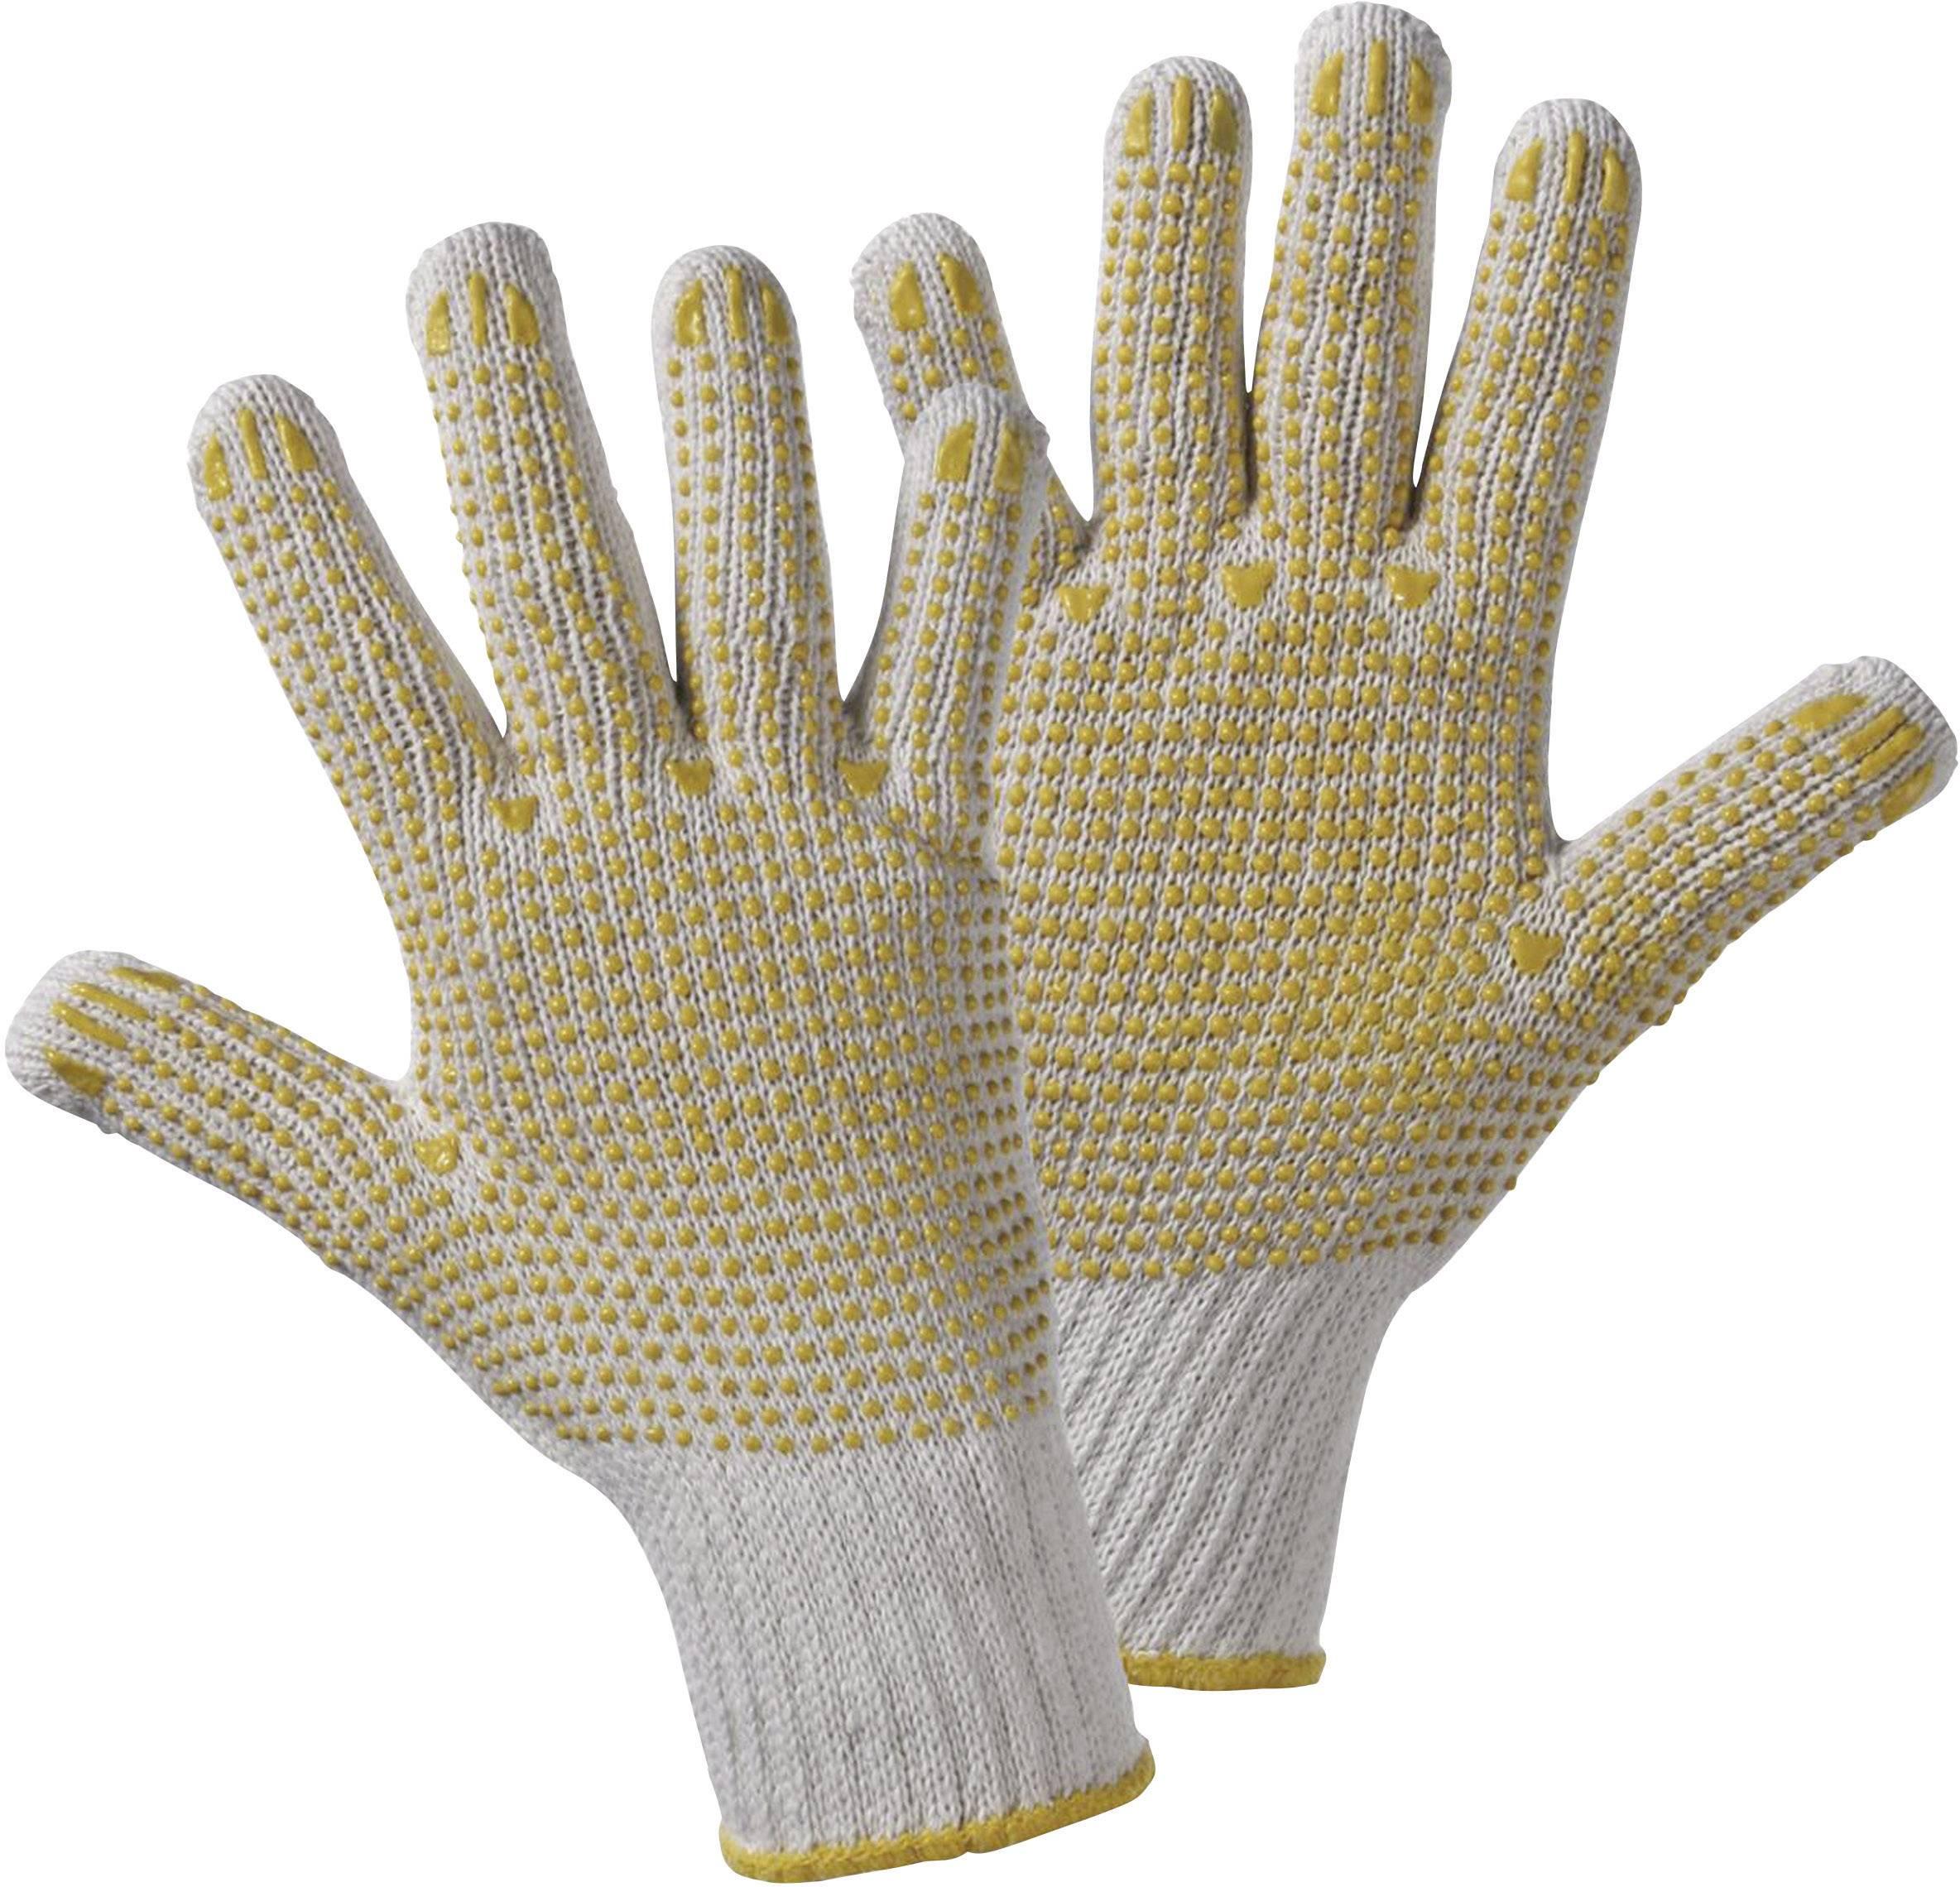 Pracovní rukavice Upixx Twice 1132, velikost rukavic: 10, XL